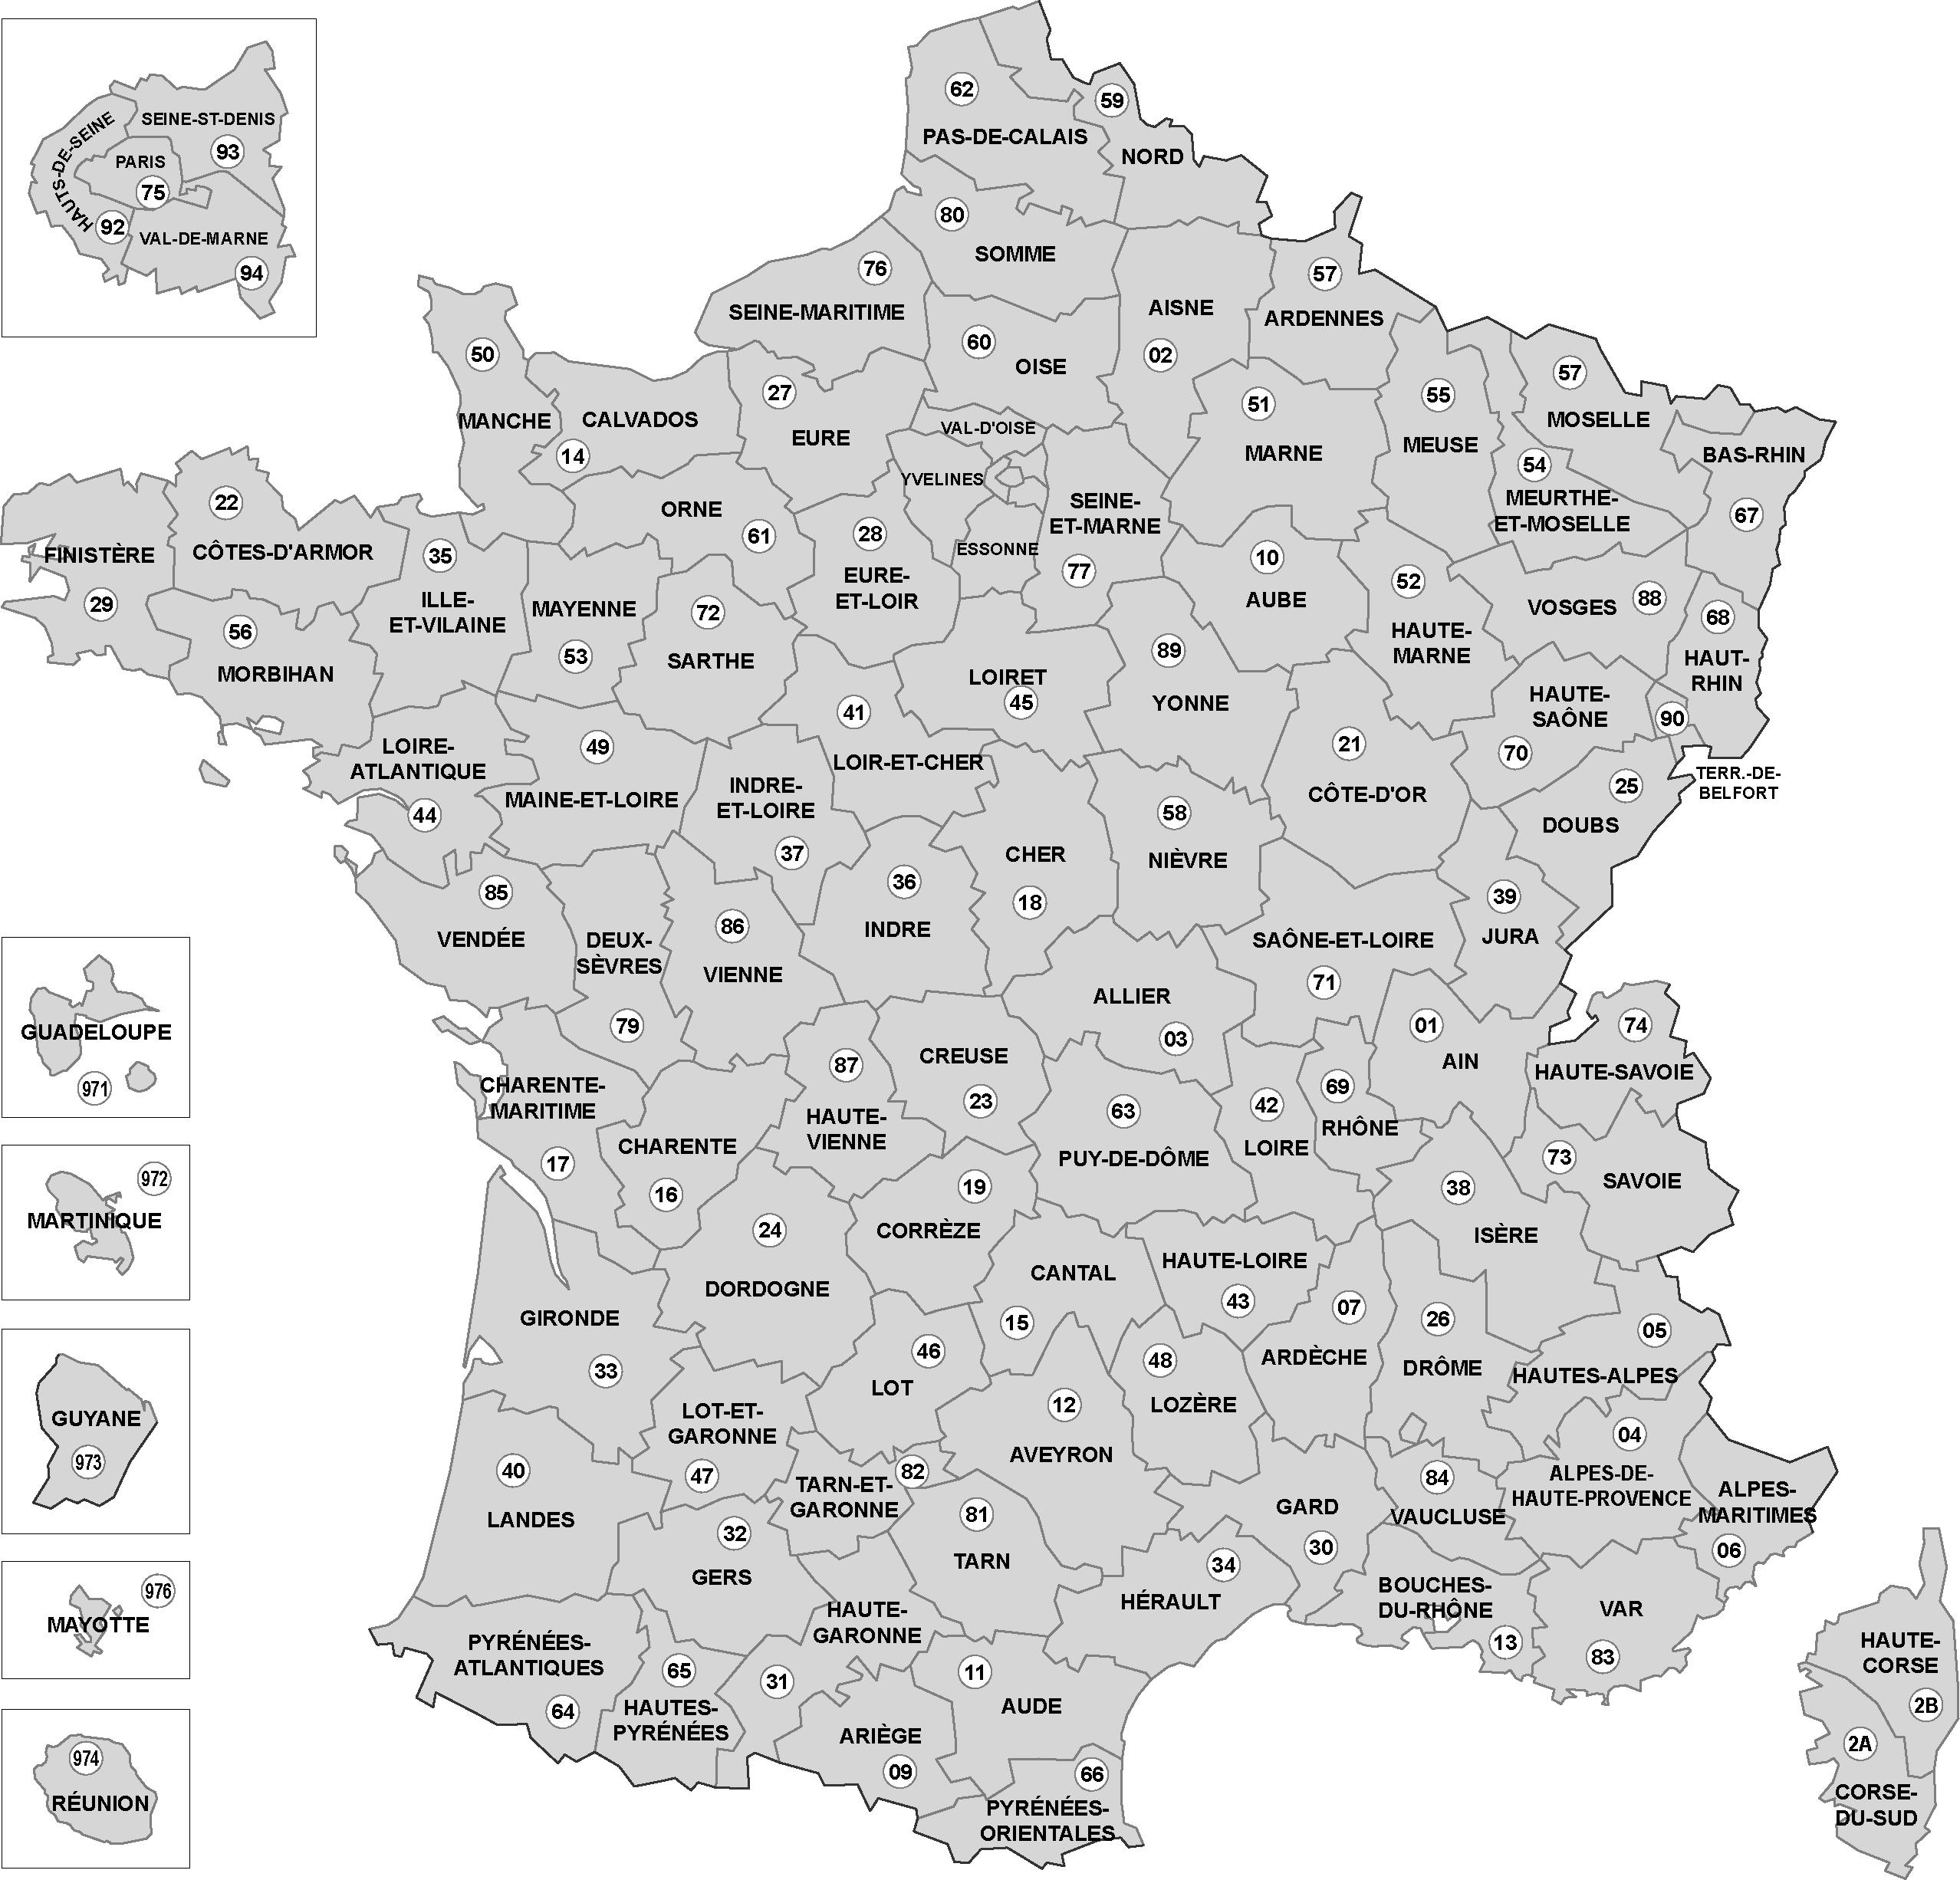 Cartes De France, Cartes Et Rmations Des Régions concernant Plan De La France Par Departement